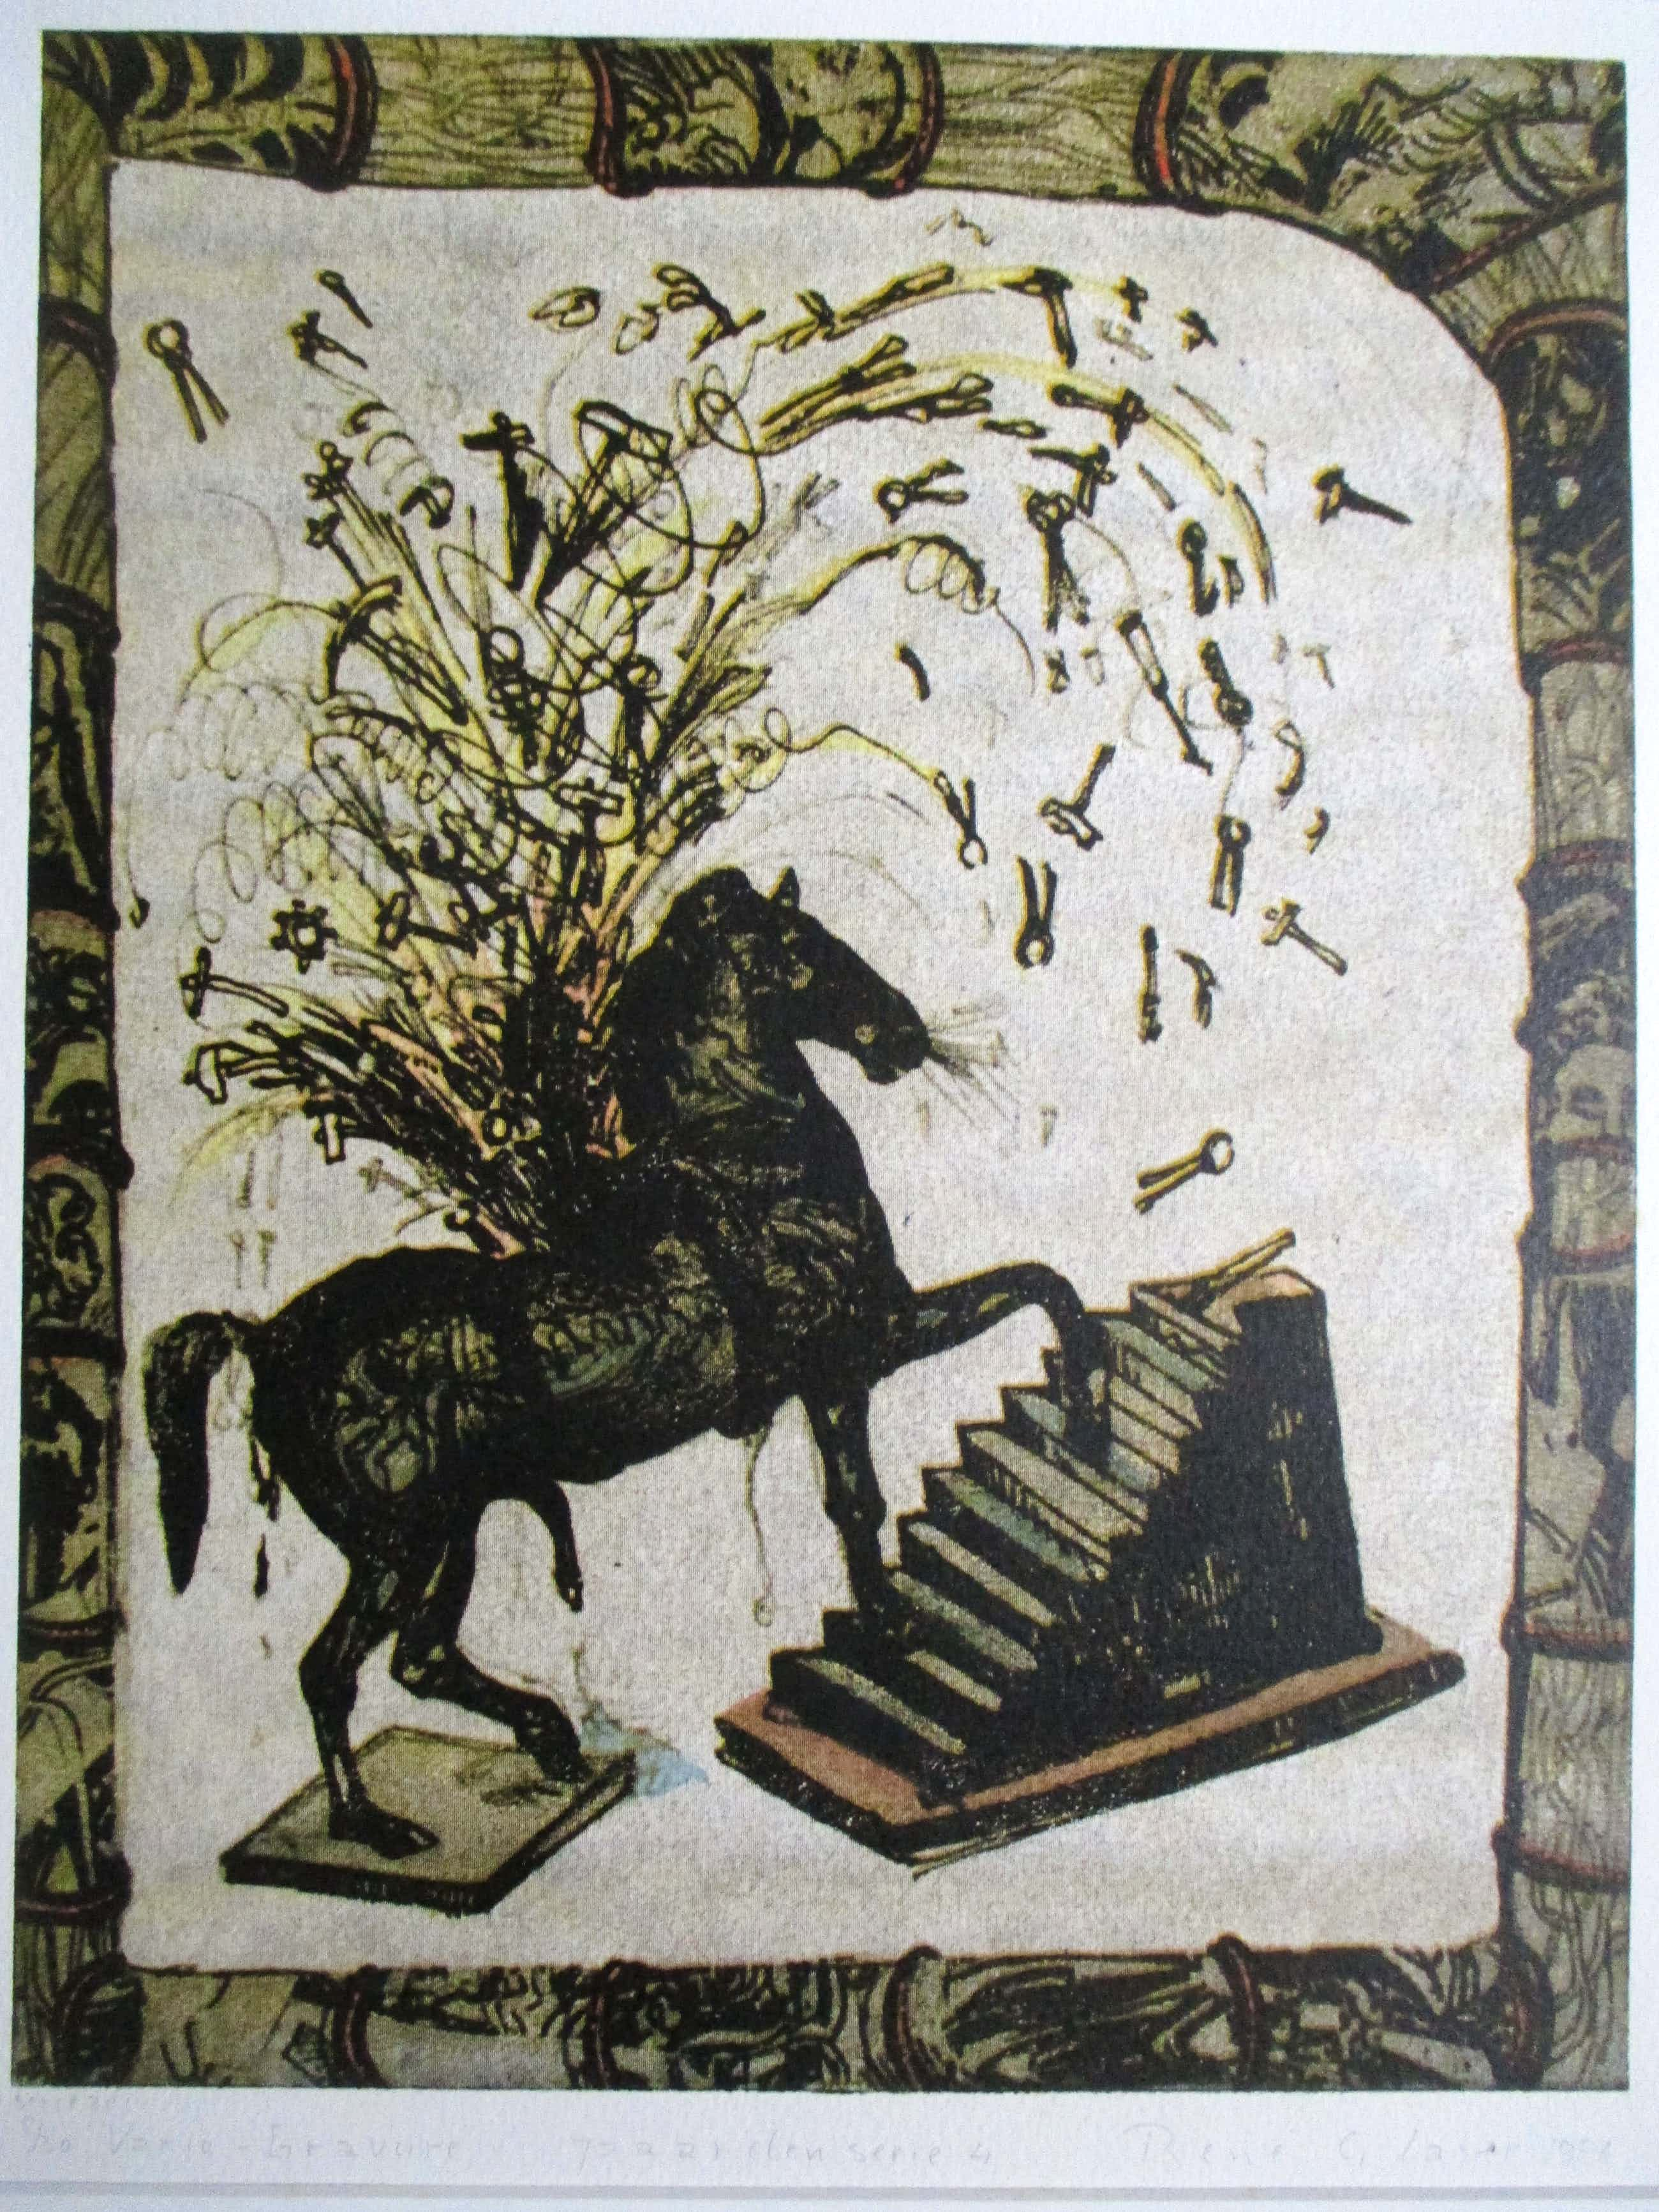 Rene Glaser - Vario-gravure Paardenserie 4 kopen? Bied vanaf 25!